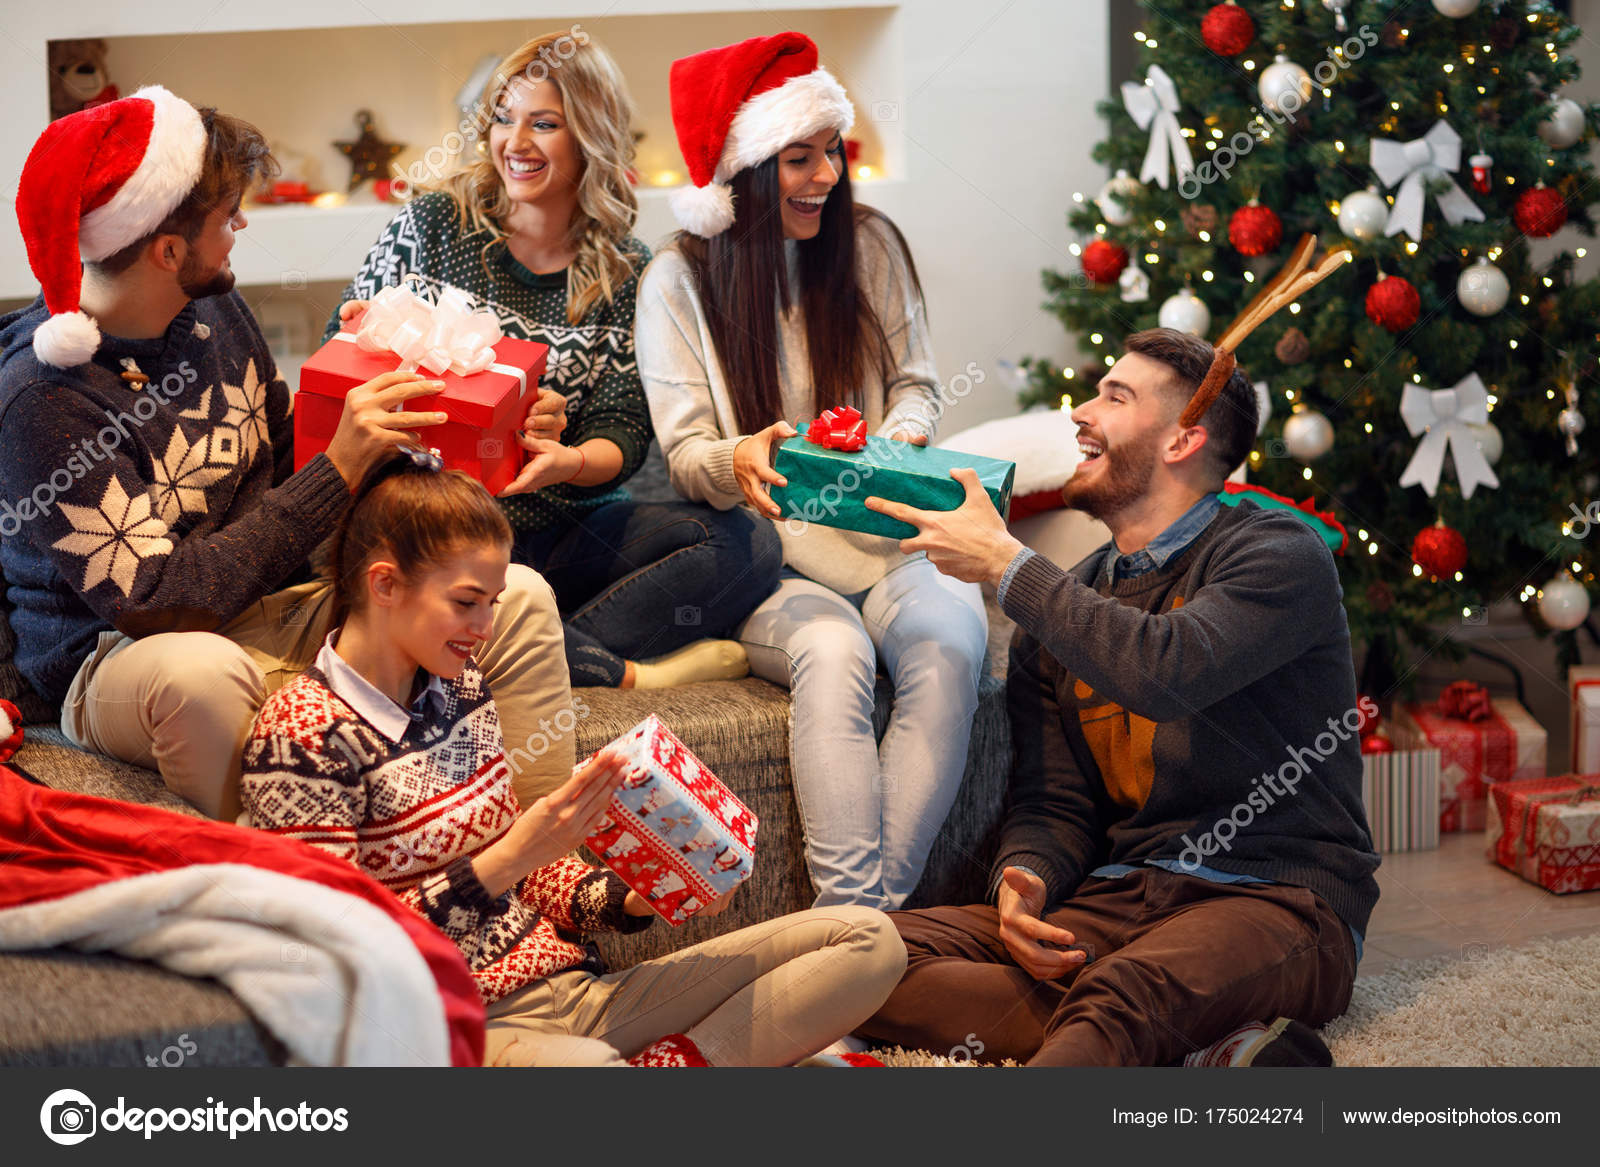 Freunde lachen und teilen Weihnachtsgeschenk — Stockfoto ...